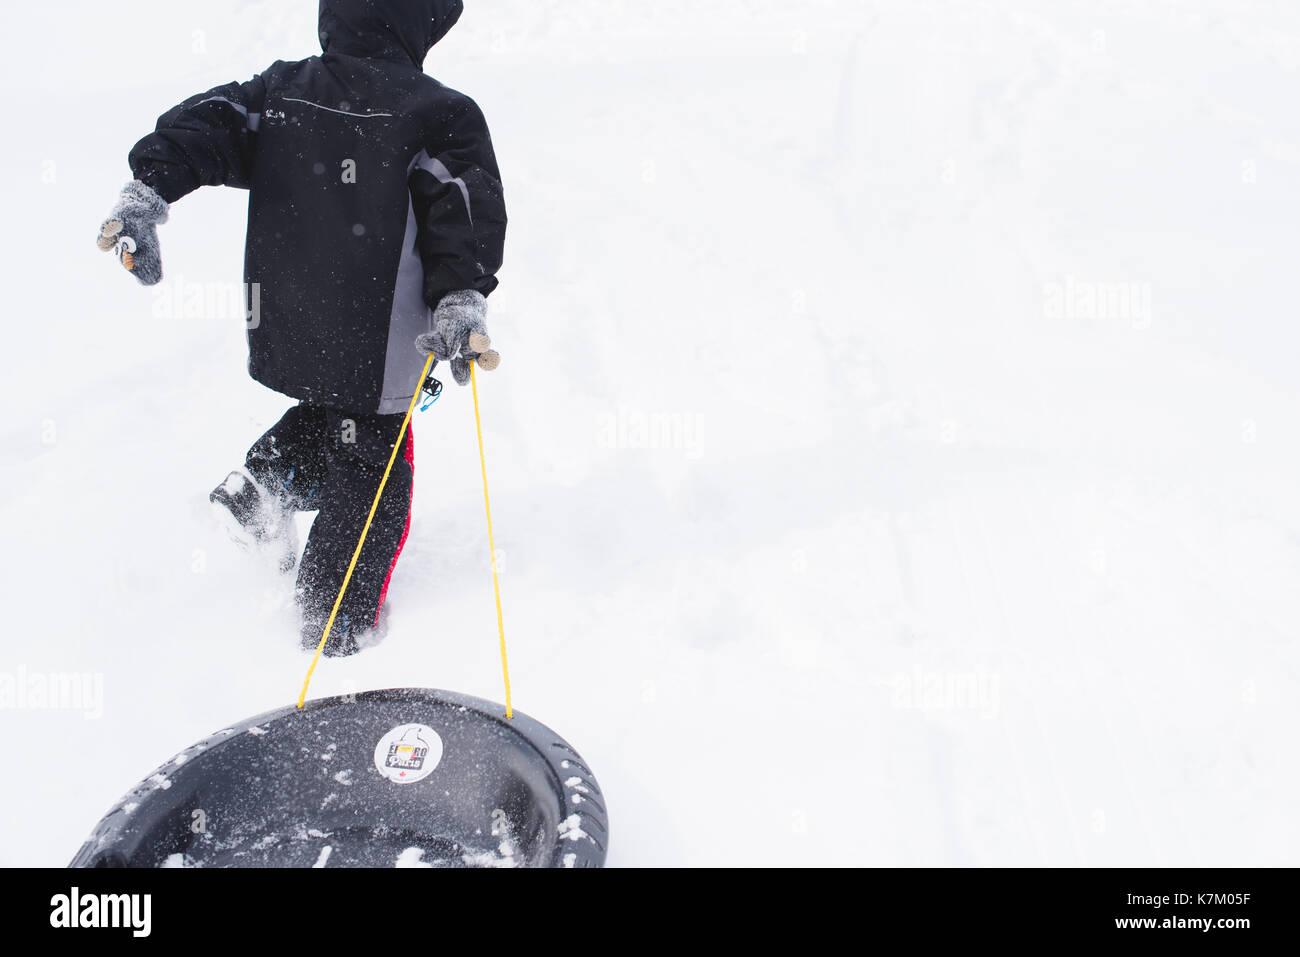 Joven tirando de un trineo de una colina cubierta de nieve en el invierno. Imagen De Stock